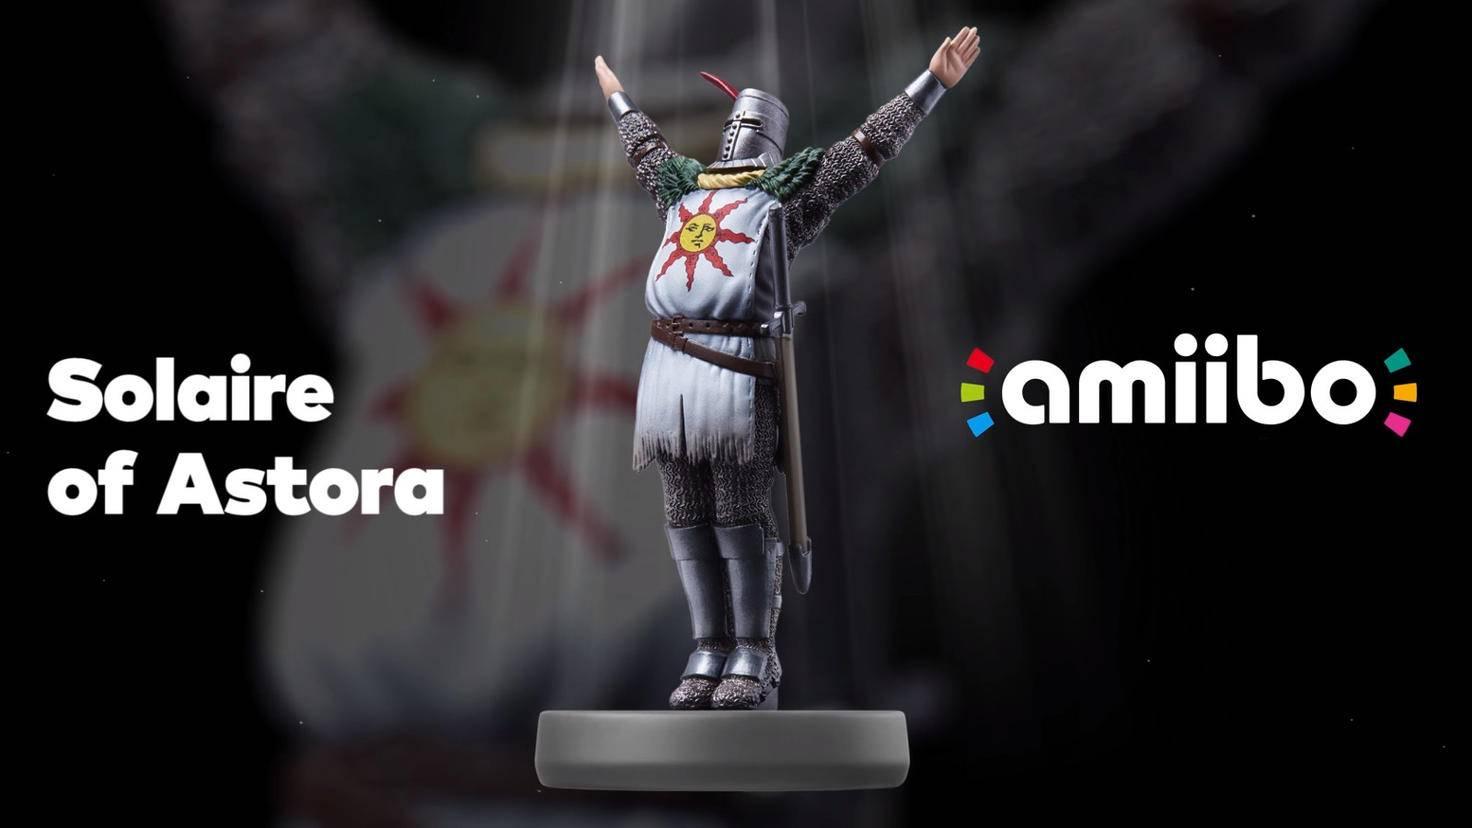 Preiset die Sonne! Solaire von Astora wird zum Amiibo.